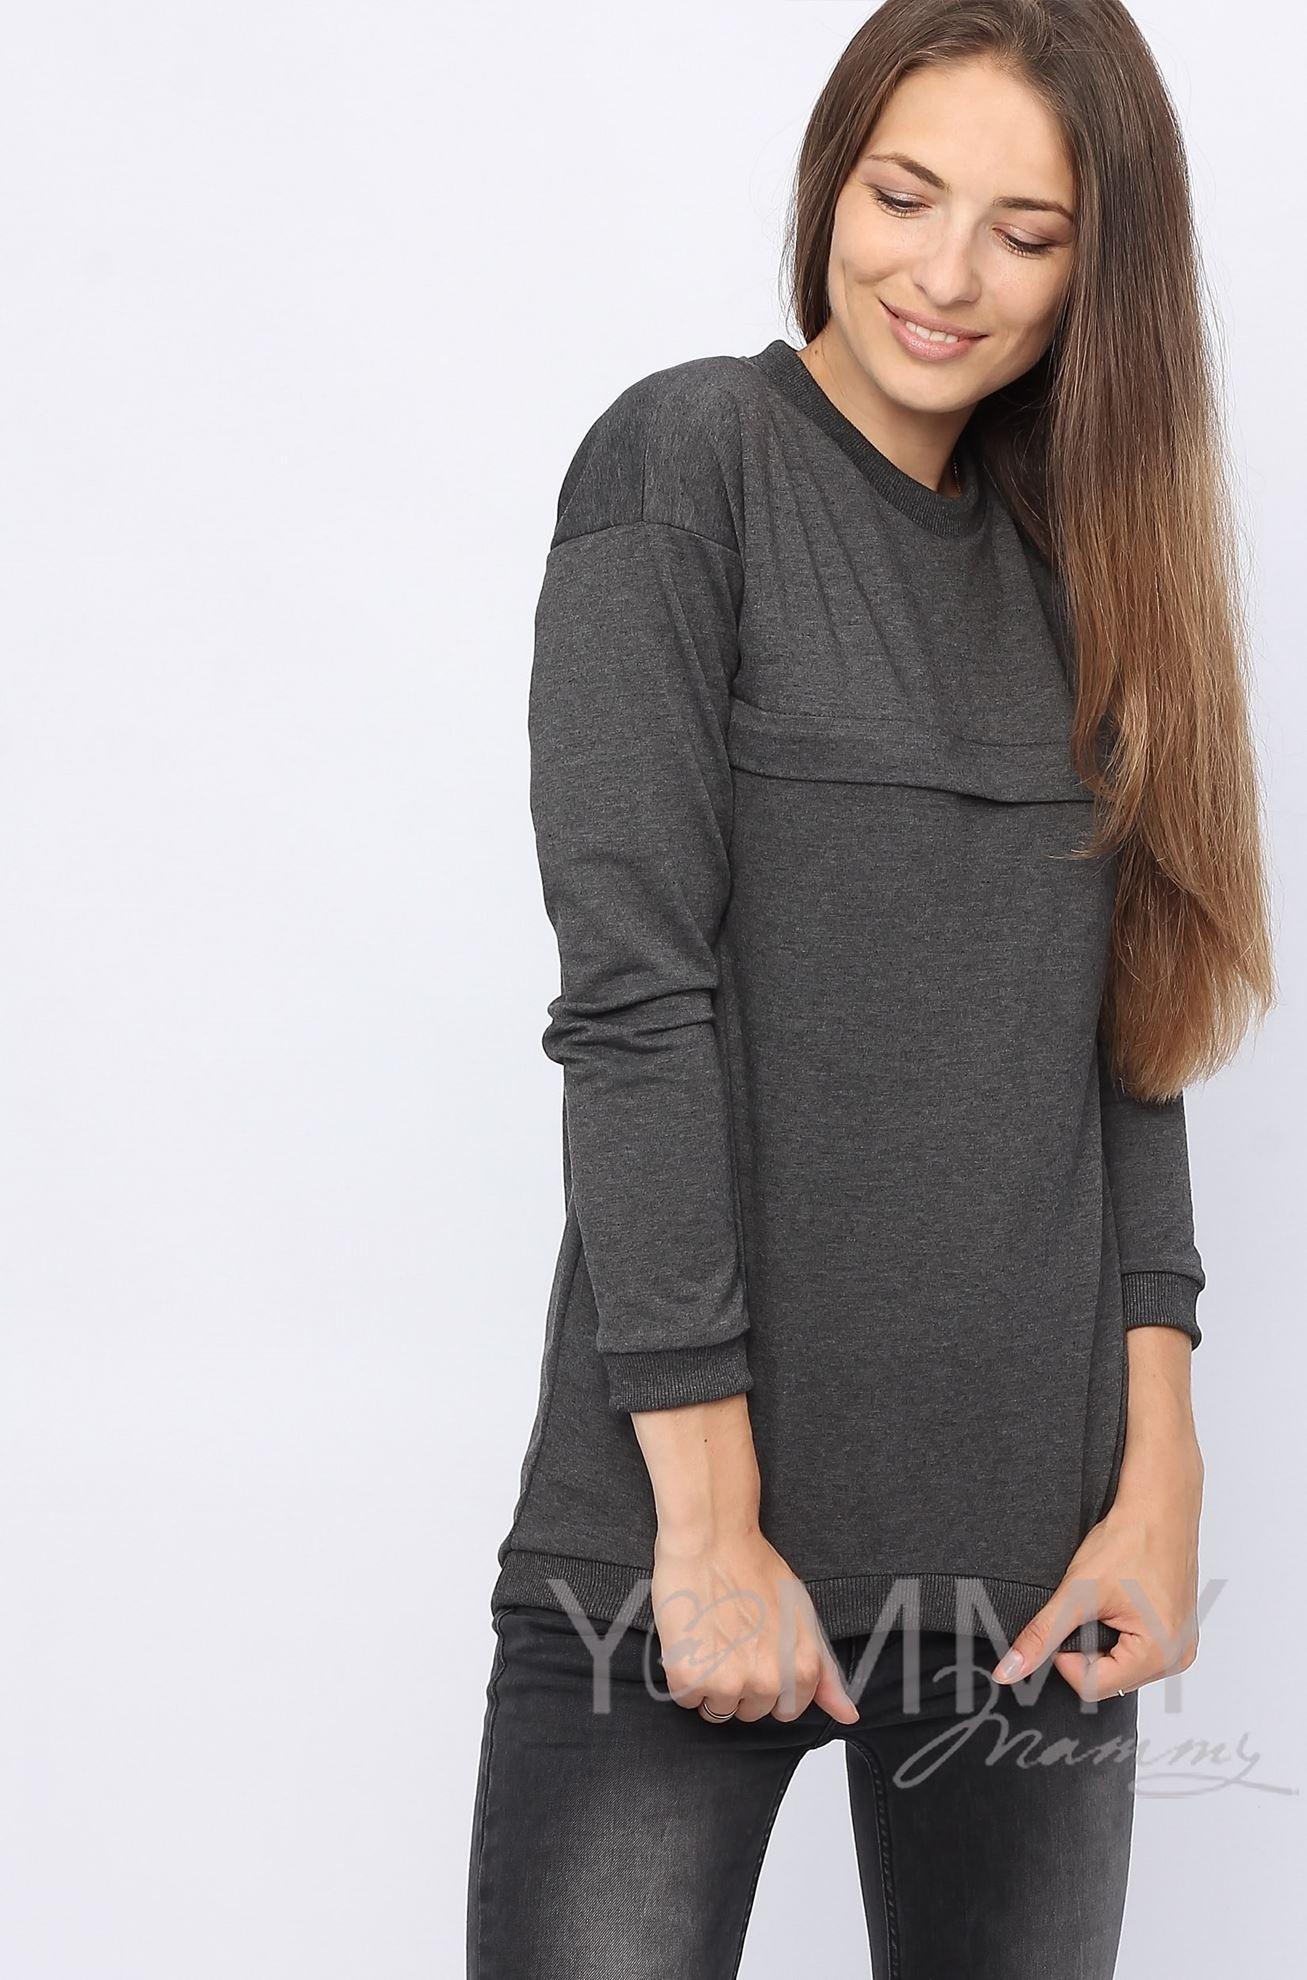 Изображение                               Джемпер с удлиненной спинкой темно-серый меланж